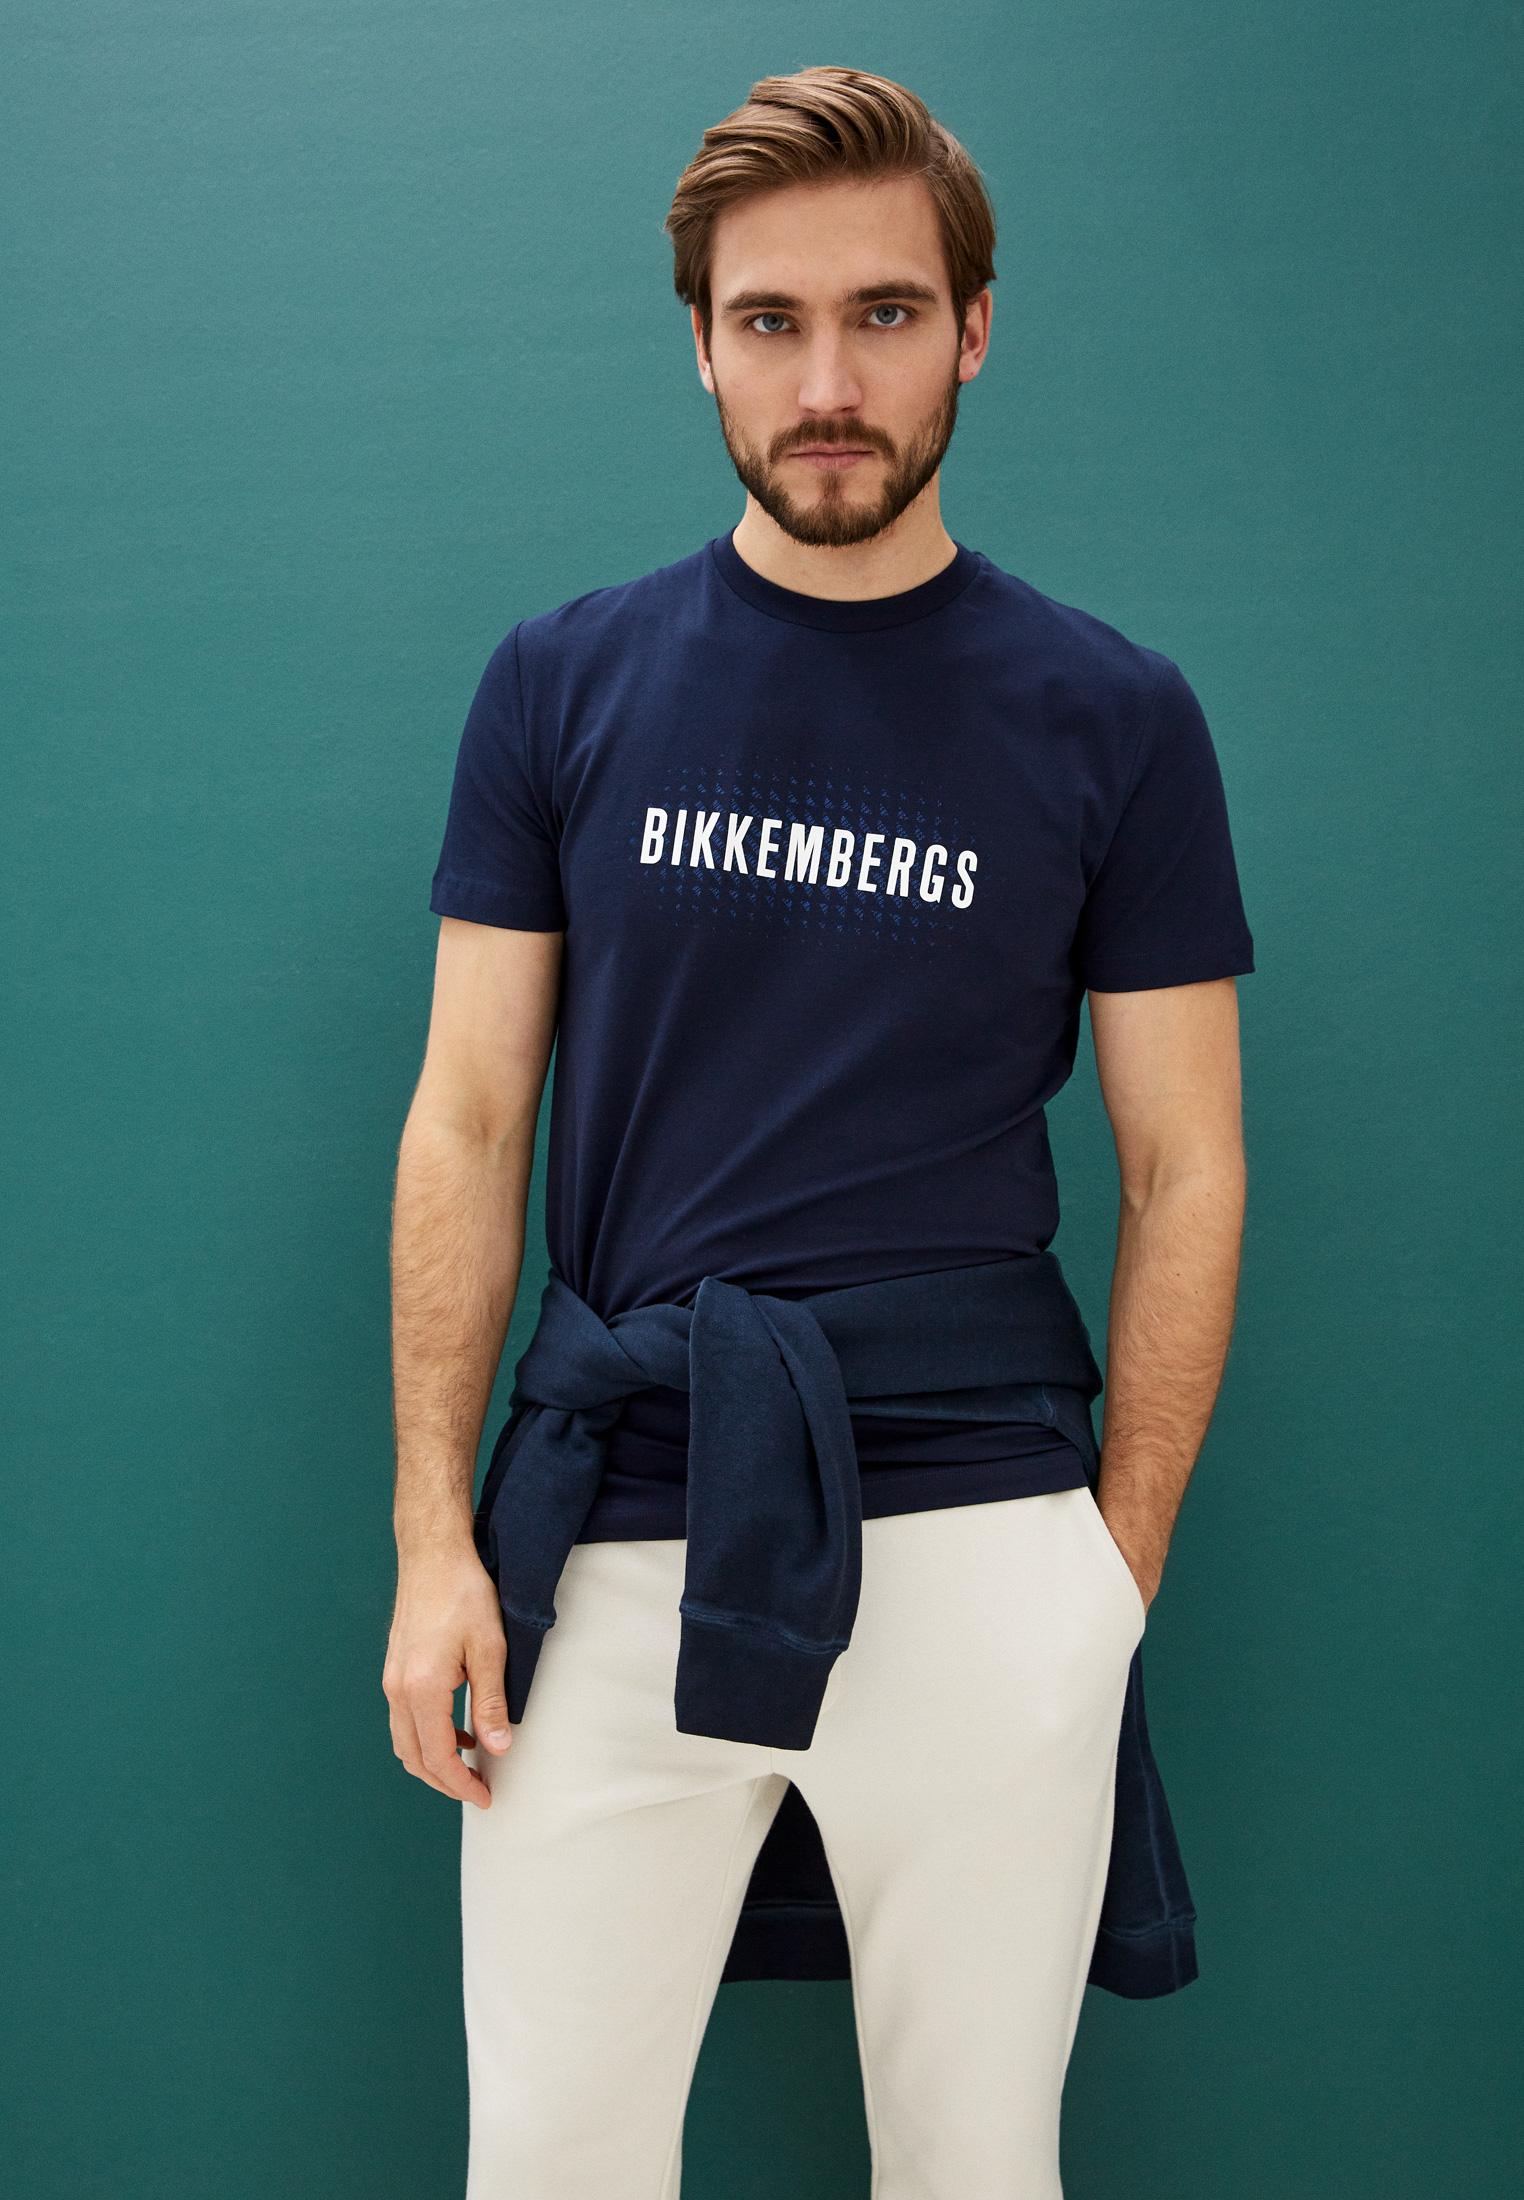 Мужская футболка Bikkembergs (Биккембергс) C 4 101 49 E 2296: изображение 2